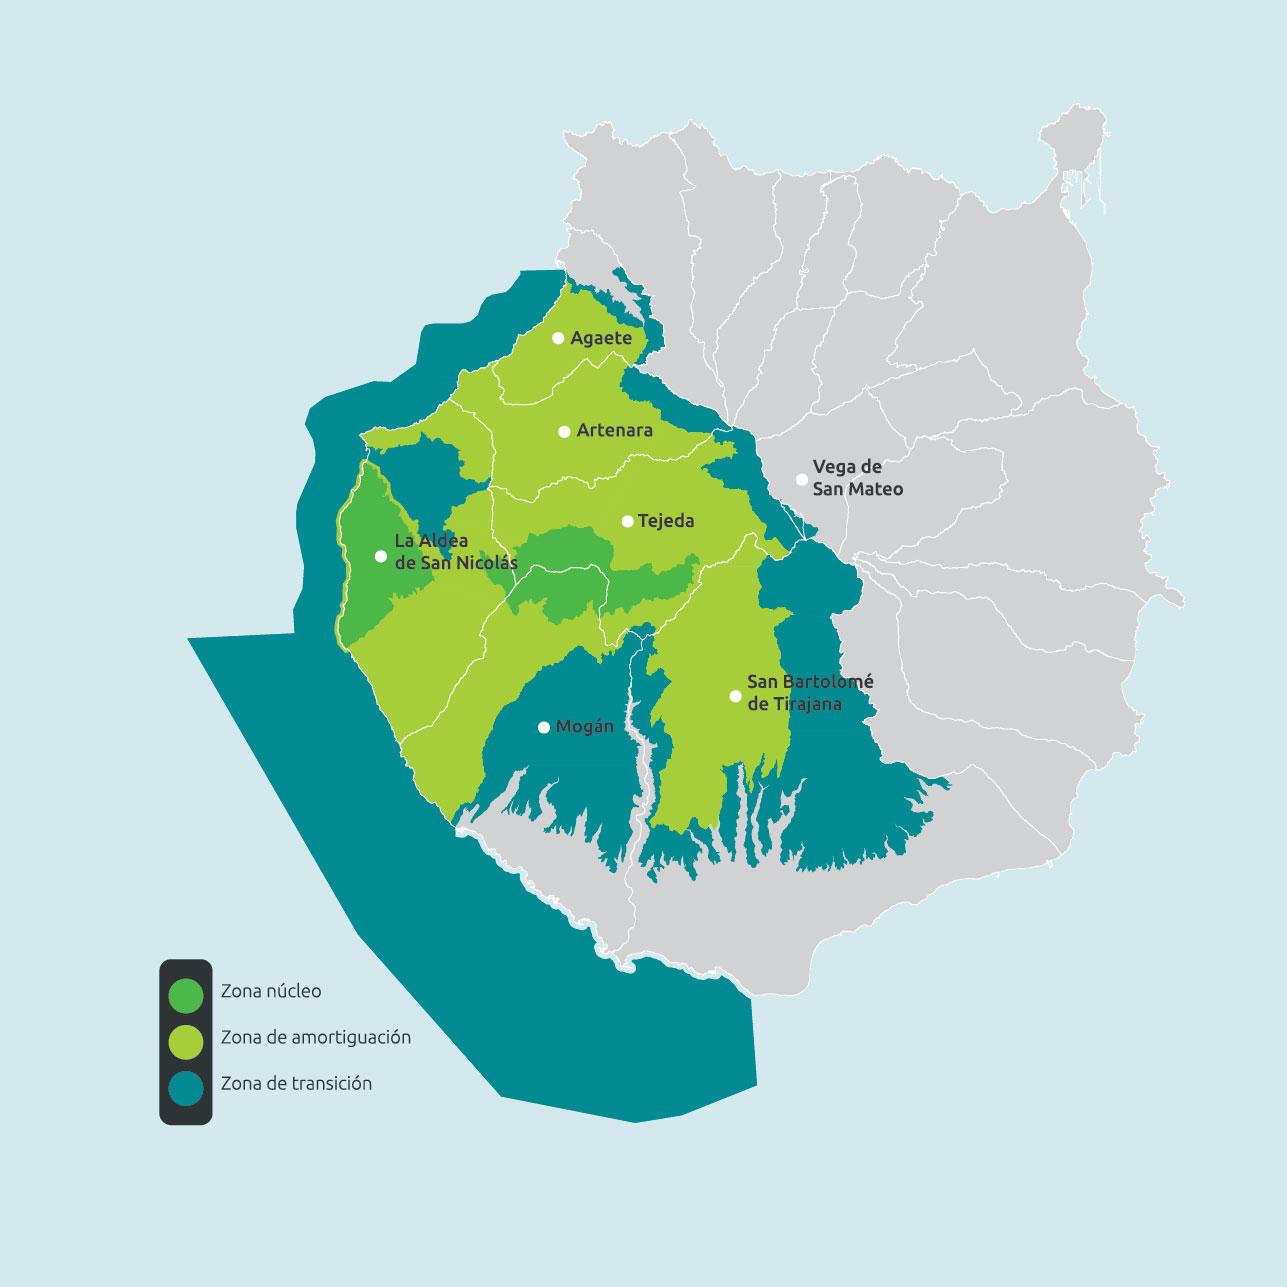 Mapa de la Reserva de la Biosfera de Gran Canaria